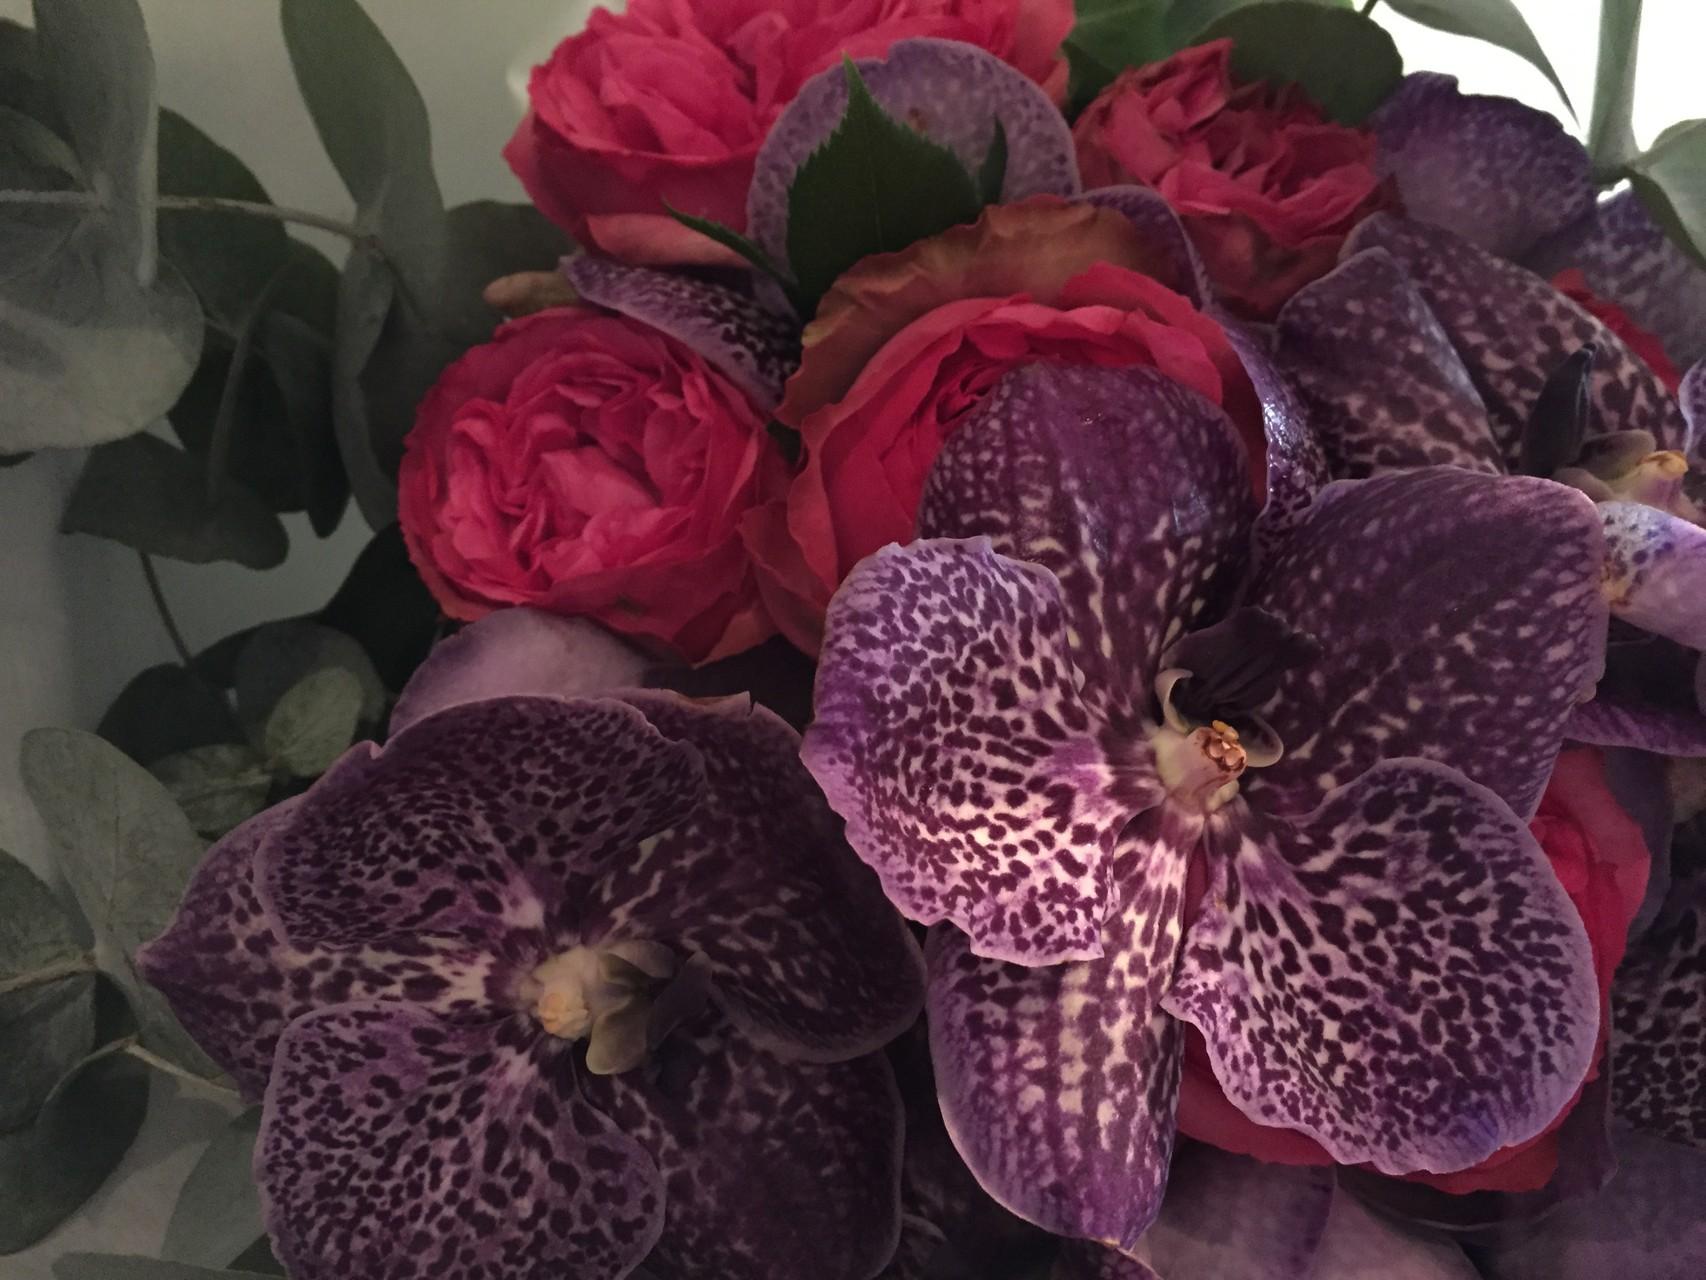 Blumenladen Mnchen Schwabing Ansehen Zauberhafte Blumen